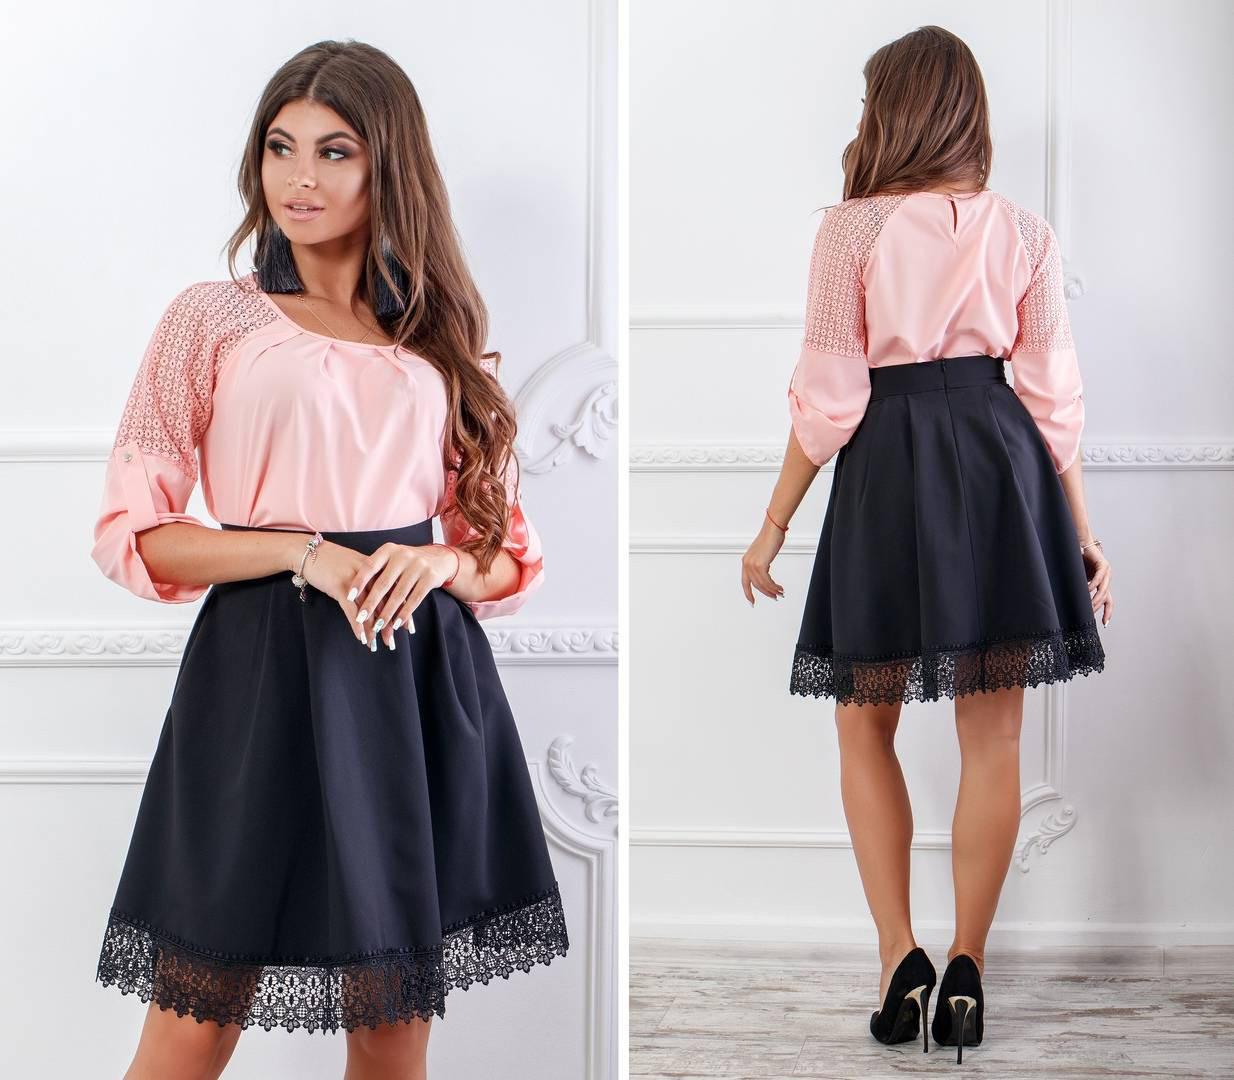 Блуза женская с кружевными вставками, бенгалин, модель 117, цвет - розовая пудра, 42 размер